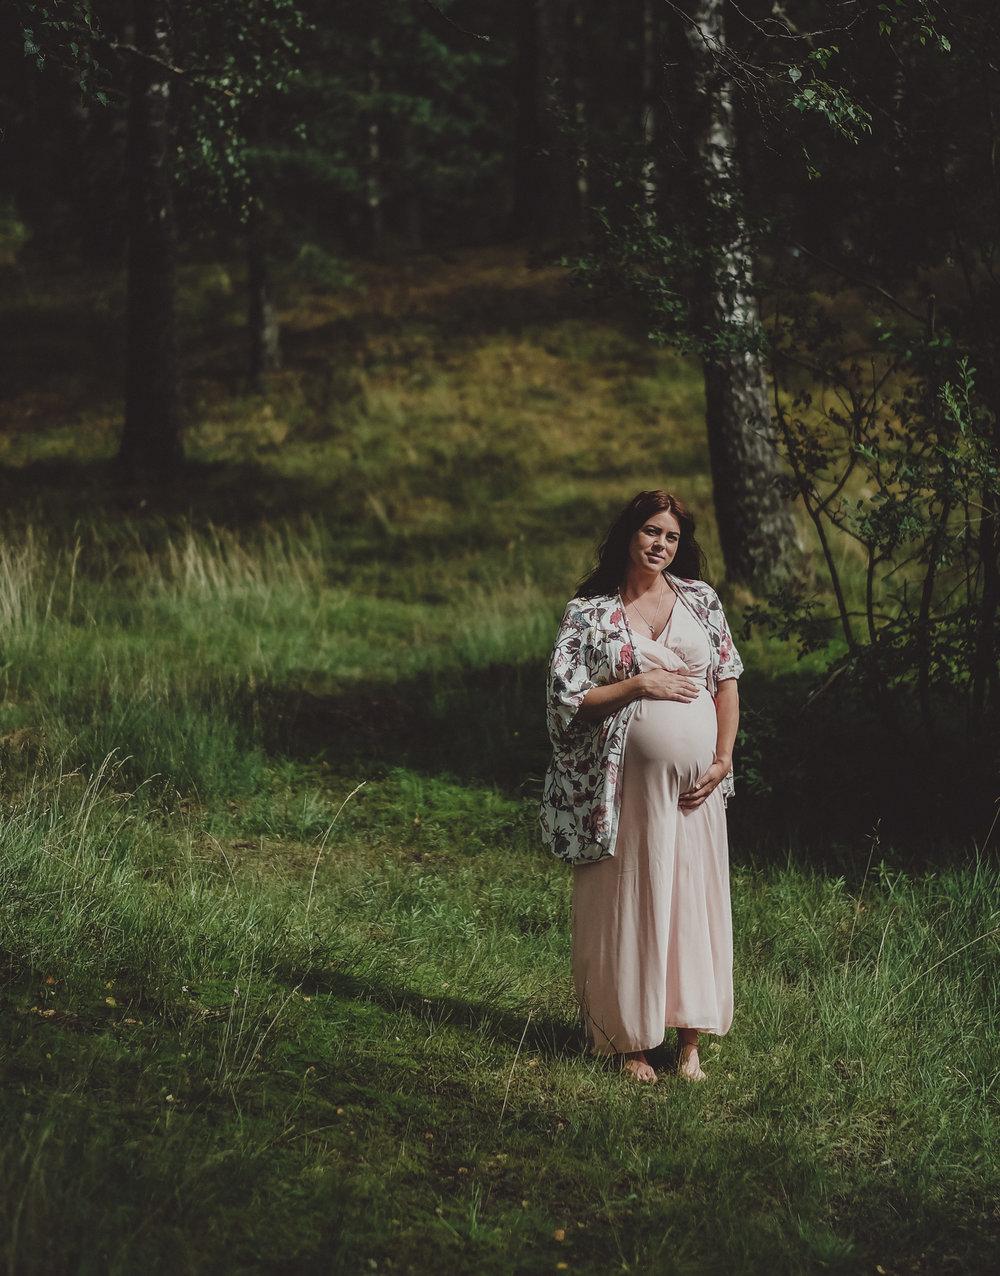 porträtt_borås_fotograf_max_norin-4.jpg